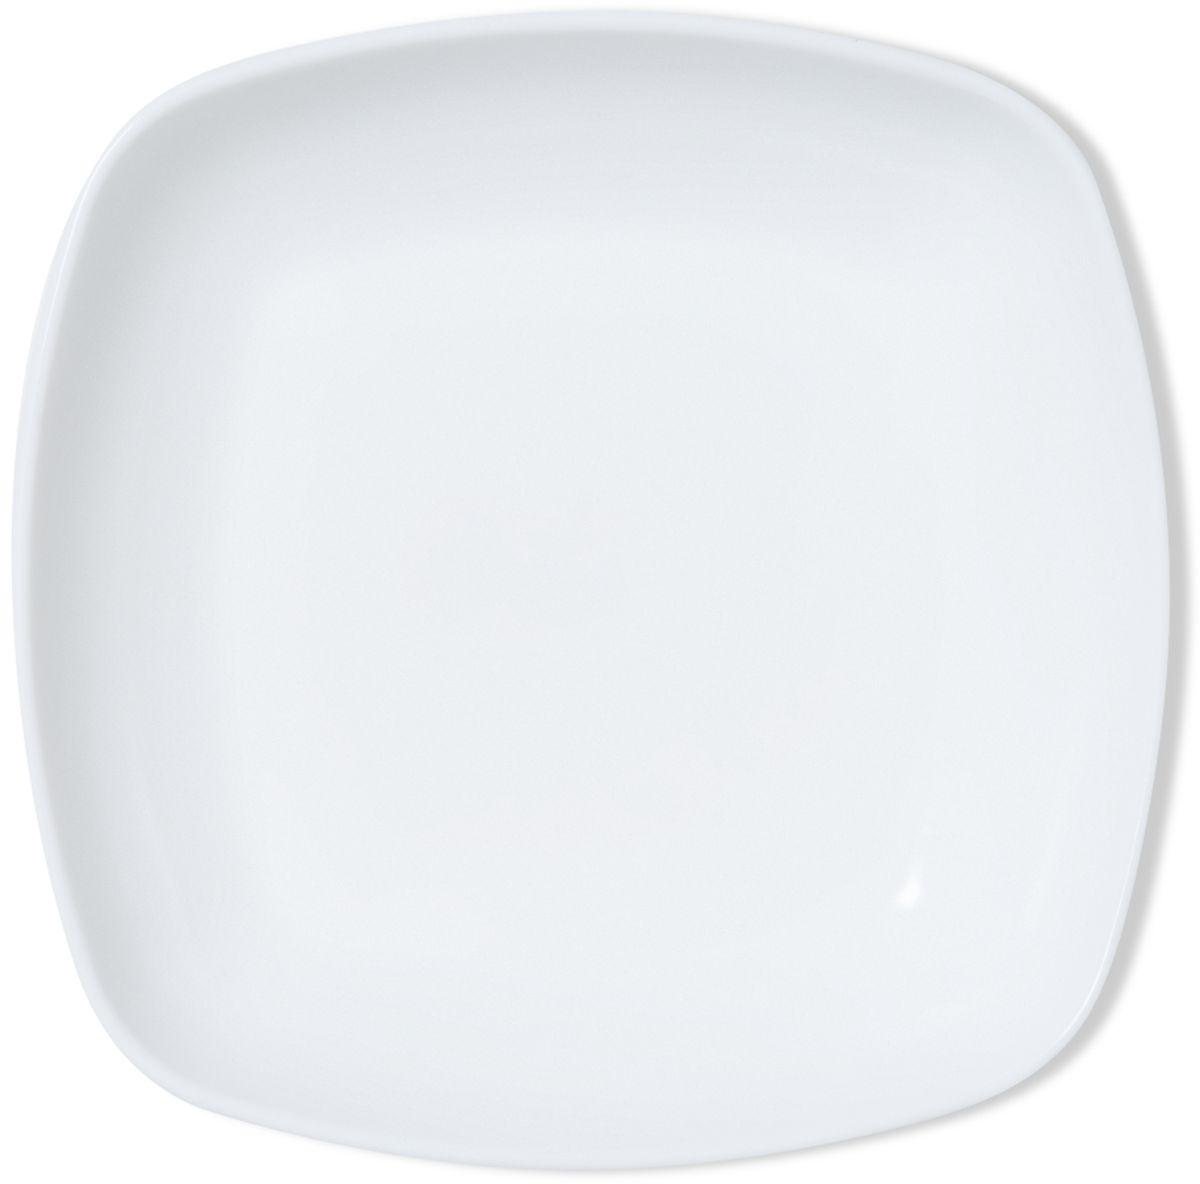 Тарелка глубокая Dosh l Home Adara, квадратная, 23 x 23 см400202Элегантные тарелки для стильной сервировки блюд и закусок. Изготовлены из высококачественного силикона белоснежного цвета. Силикон не впитывает запах и вкус продуктов, устойчив к царапинам. Подходит для микроволновой печи, холодильника. Можно мыть в посудомоечной машине. Мыть обычными моющими средствами, не использовать агрессивные вещества, металлические мочалки, острые предметы и т.д..